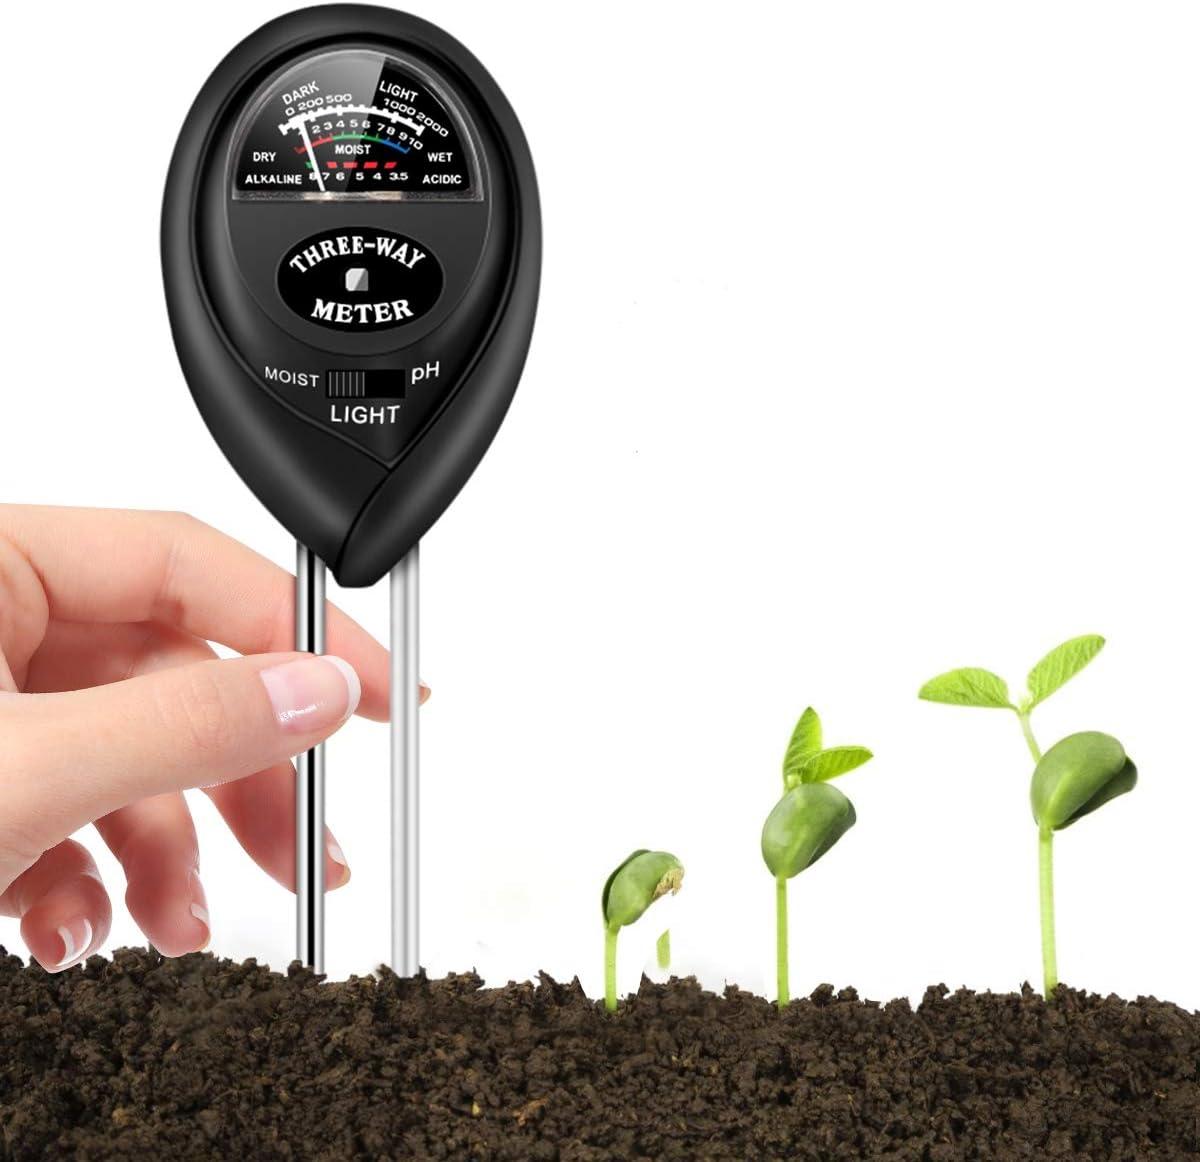 Hiraethore Soil Test Kit, Soil Tester for Moisture, Light & pH Meter for Plant, Vegetables, Garden, Lawn, Farm, Indoor/Outdoor Plant Care Soil Tester